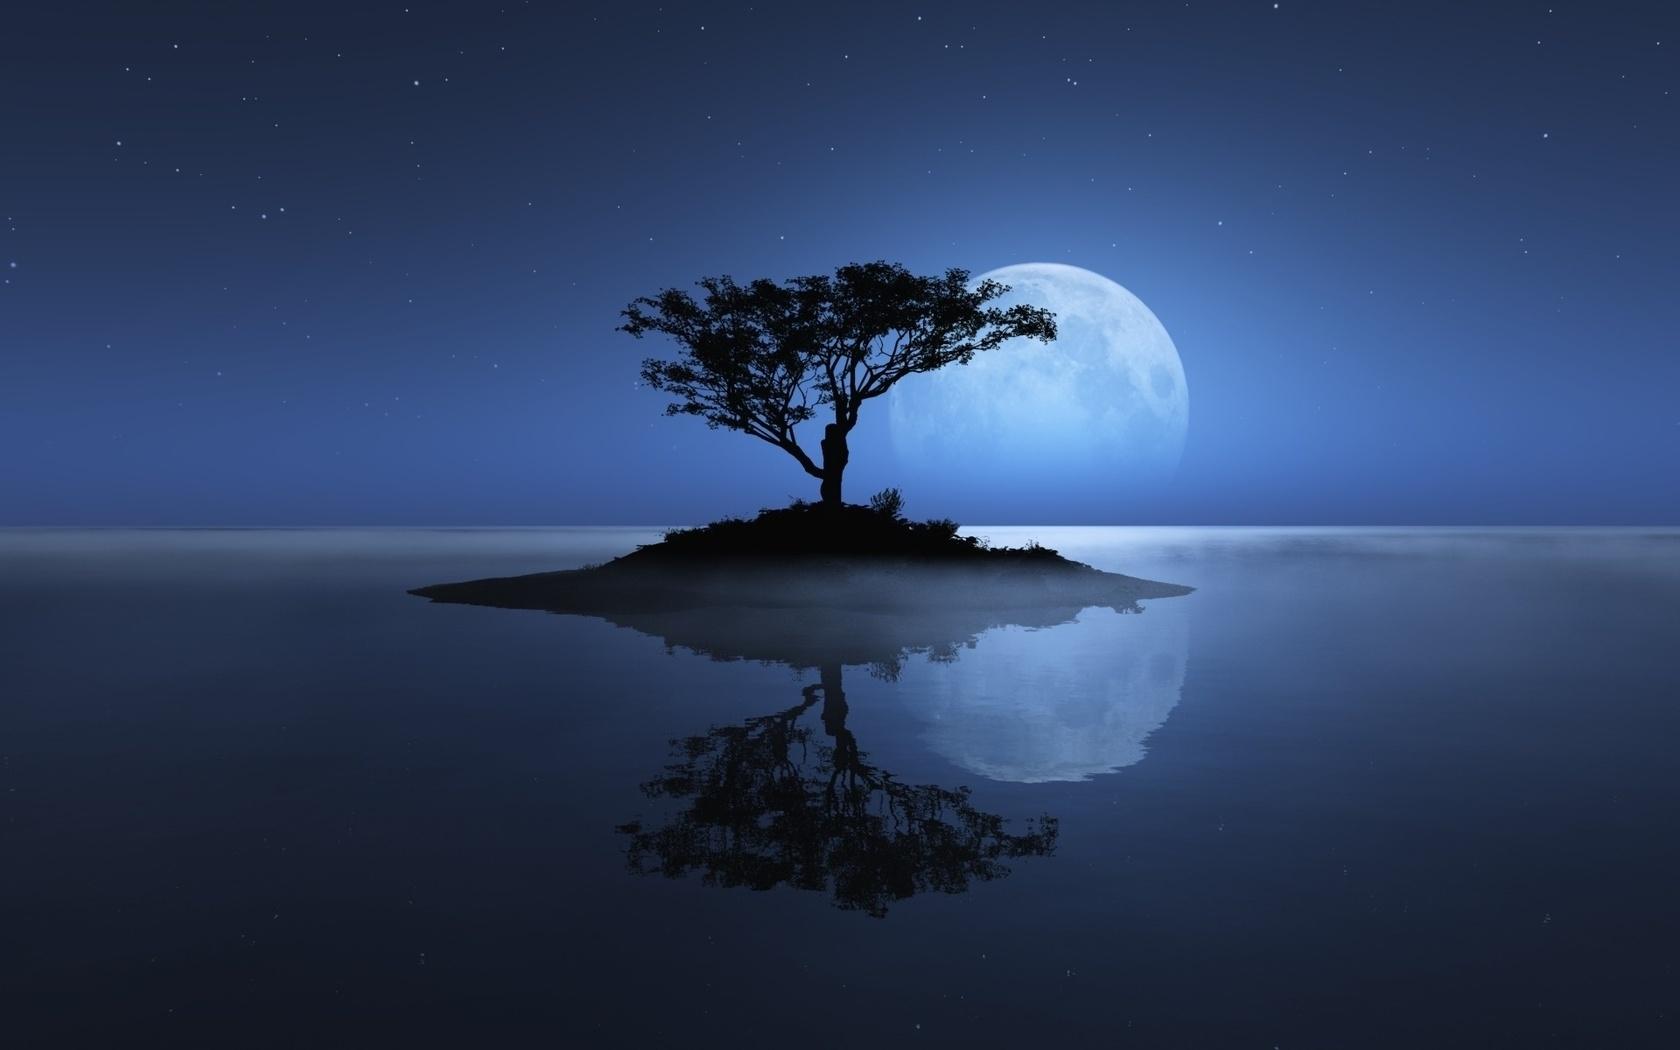 34216 скачать обои Пейзаж, Деревья, Луна - заставки и картинки бесплатно